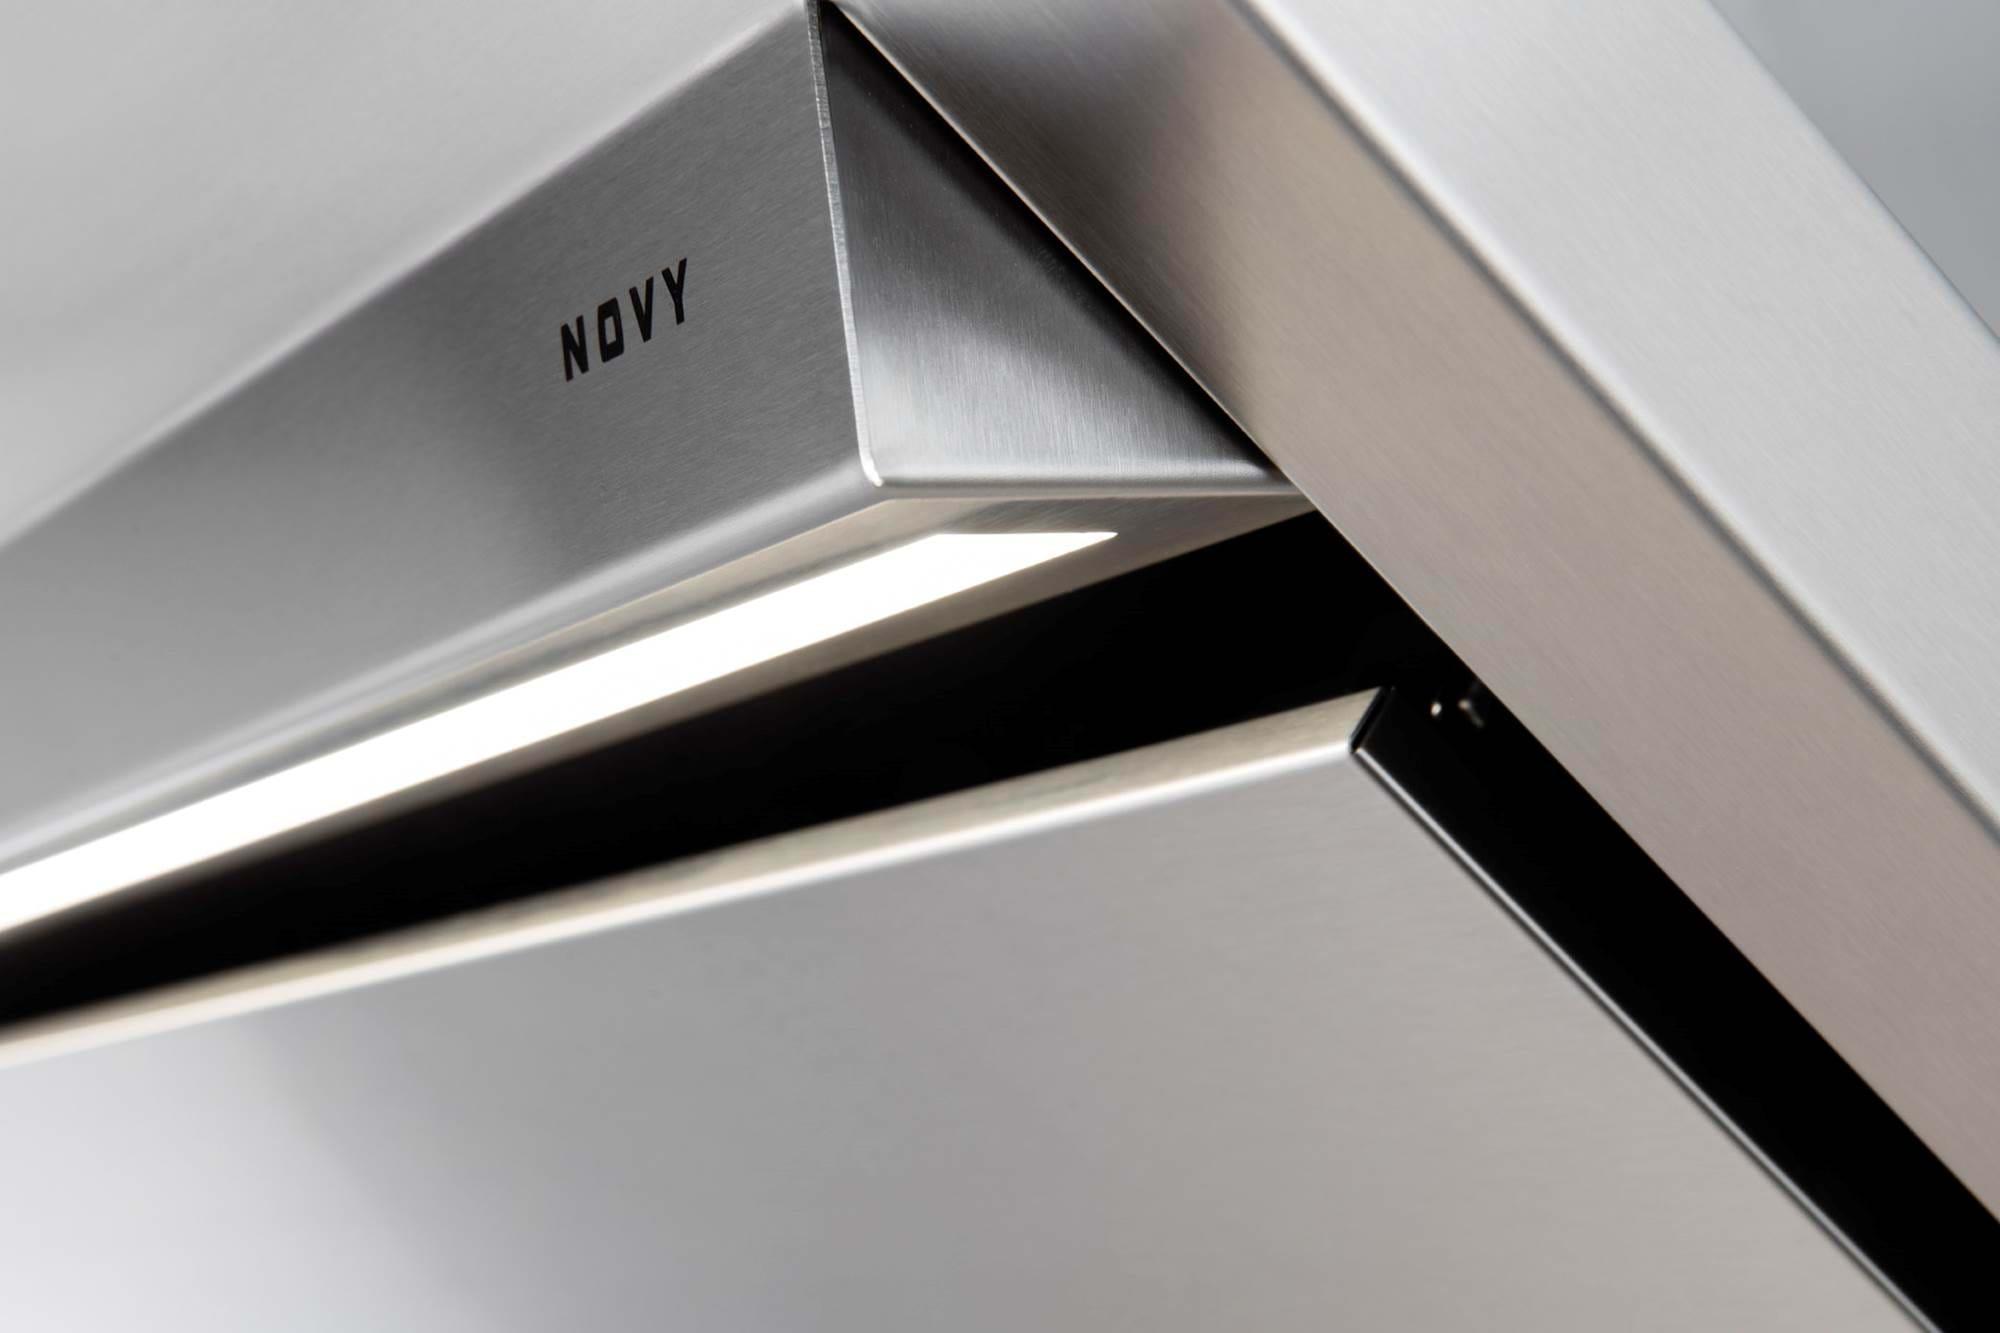 hotte novy pianos-et-fourneaux.com hotte murale inox detail